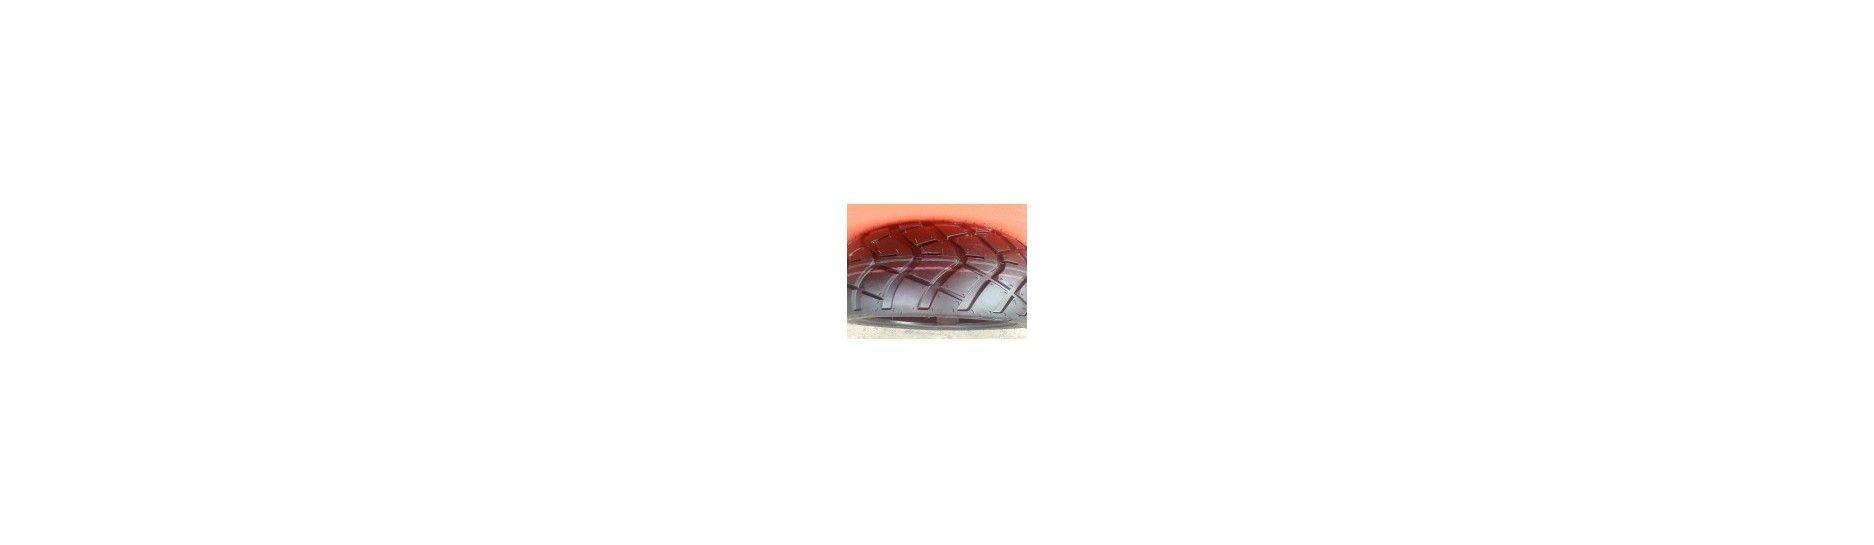 12-ti palcové pneumatiky